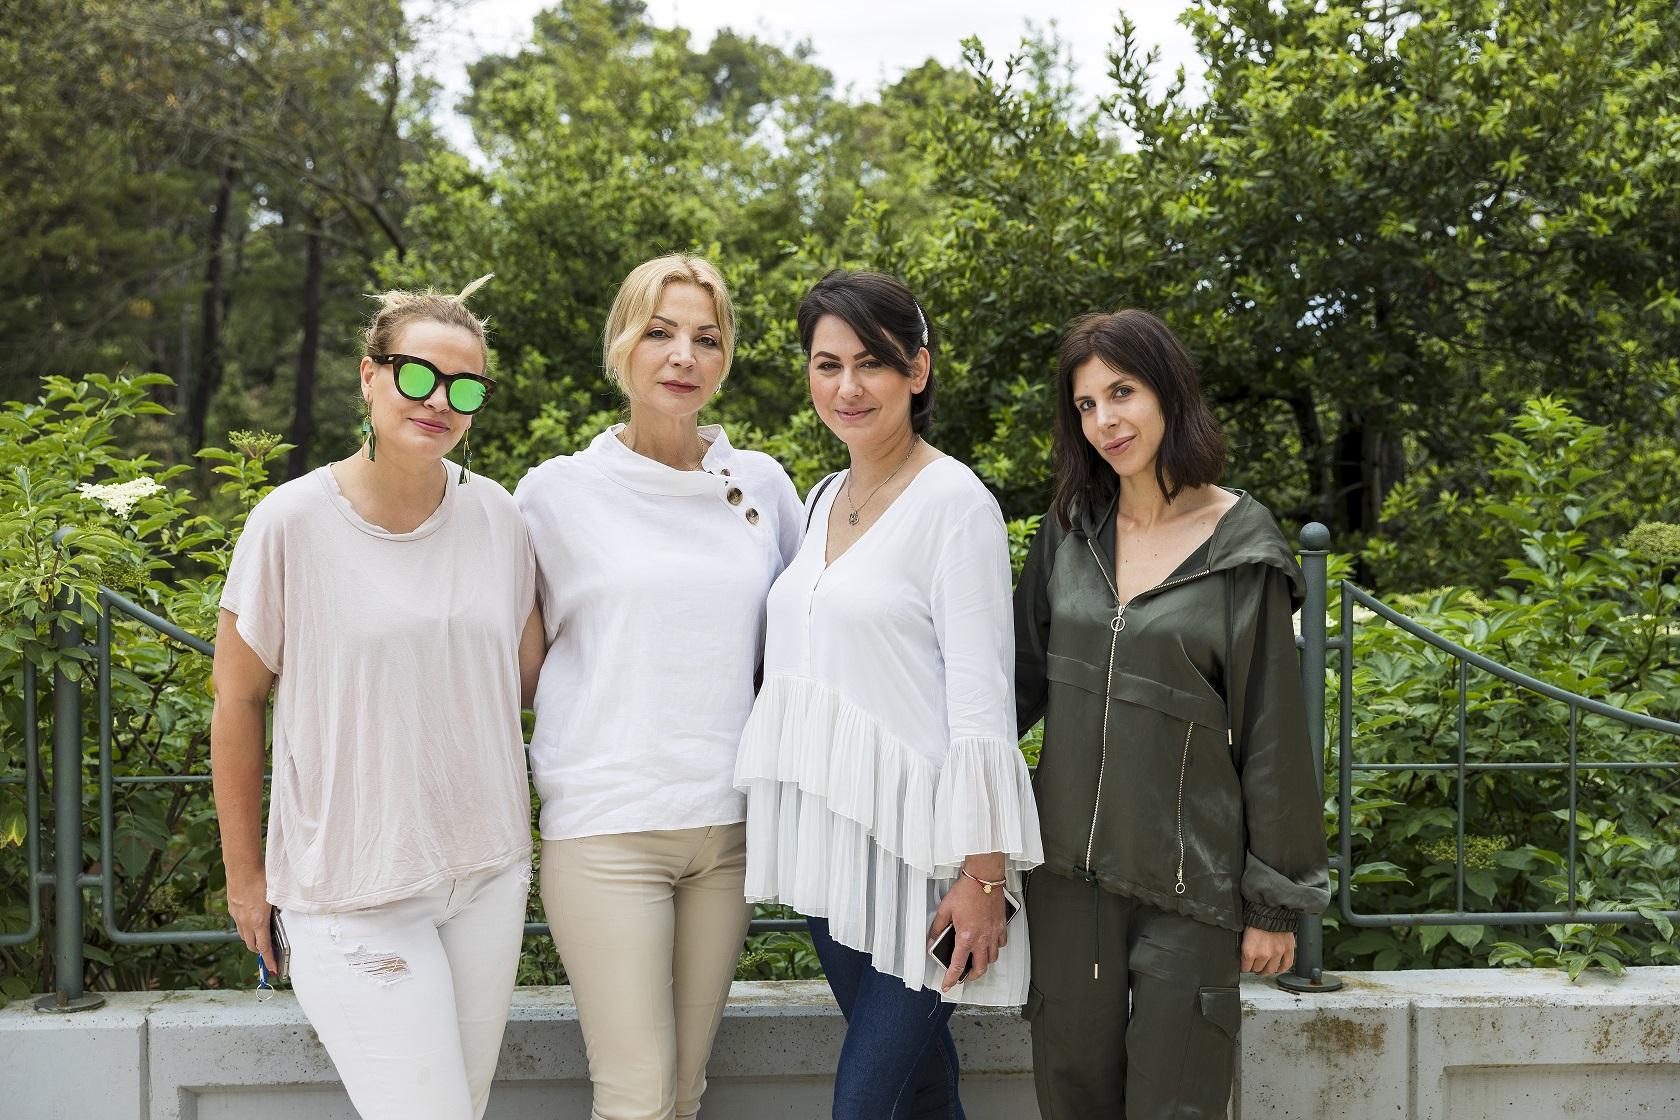 Mame Nevena Rendeli Vejzović, Lea Biljman i Ana Vladušić doznale su od prof. dr. sc. Mirne Šitum kako najbolje zaštiti nježnu kožu svoje djece od opasnih sunčevih zraka.